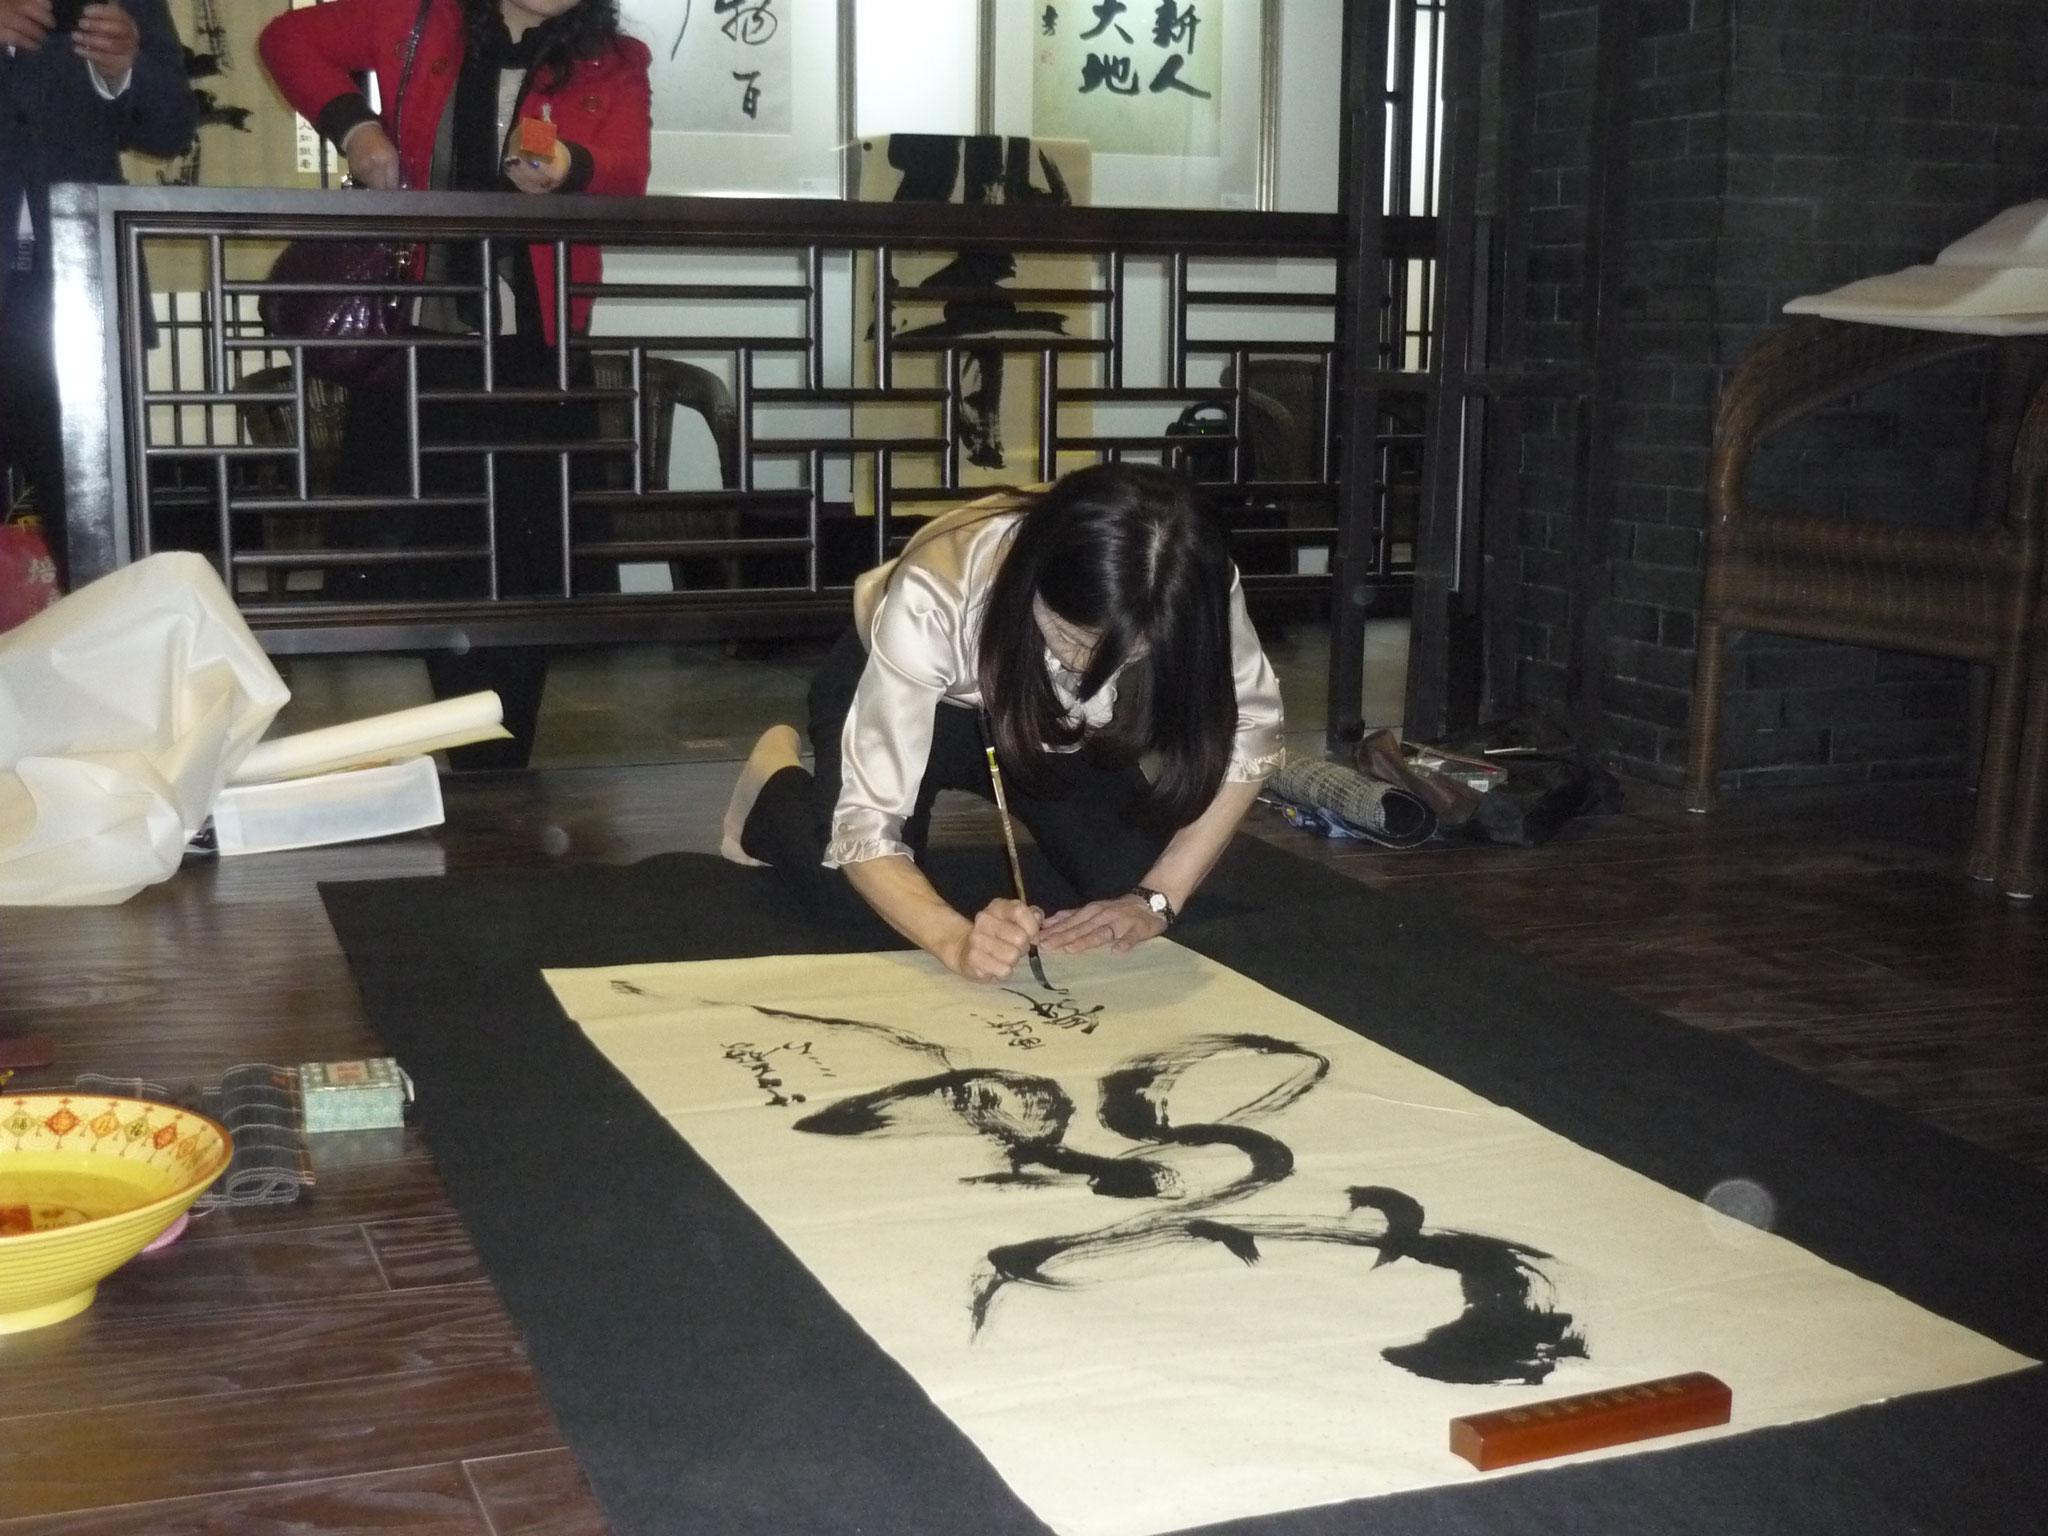 京都市と西安市の書家による書画展 2014/11/6    於西安培華学院